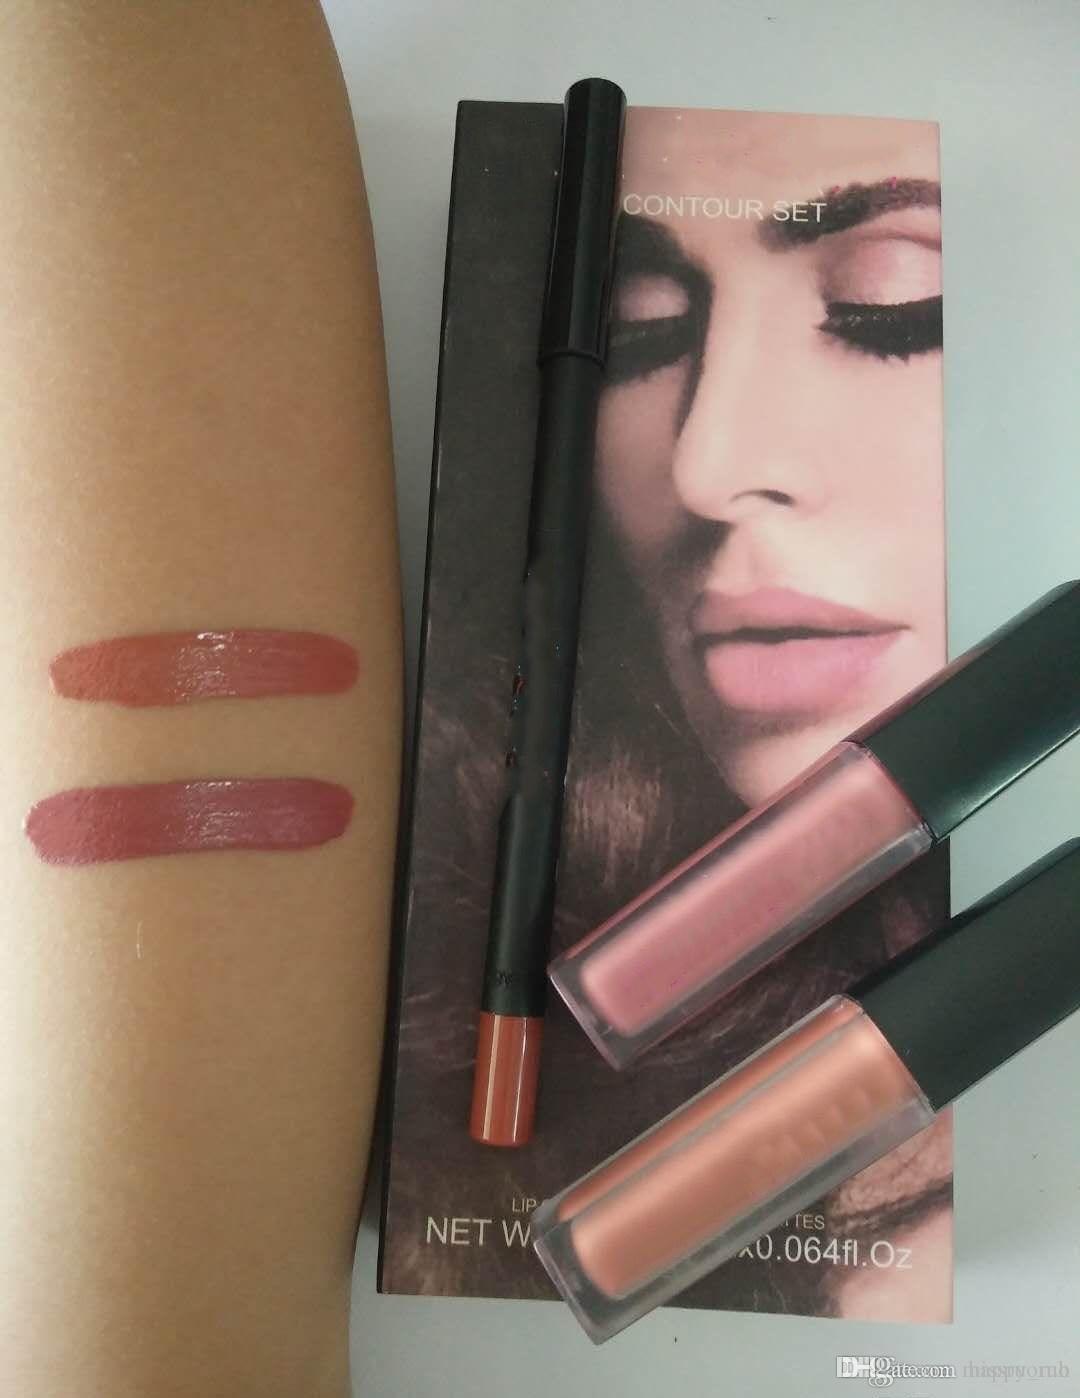 2018 NEW BEAUTY lip contour+ 2 mini liquid mattes Vixen/Trendsetter /Trophy Wife Liquid Matte Liquid Lipstick Duo & Pencil 3 colors DHL FREE